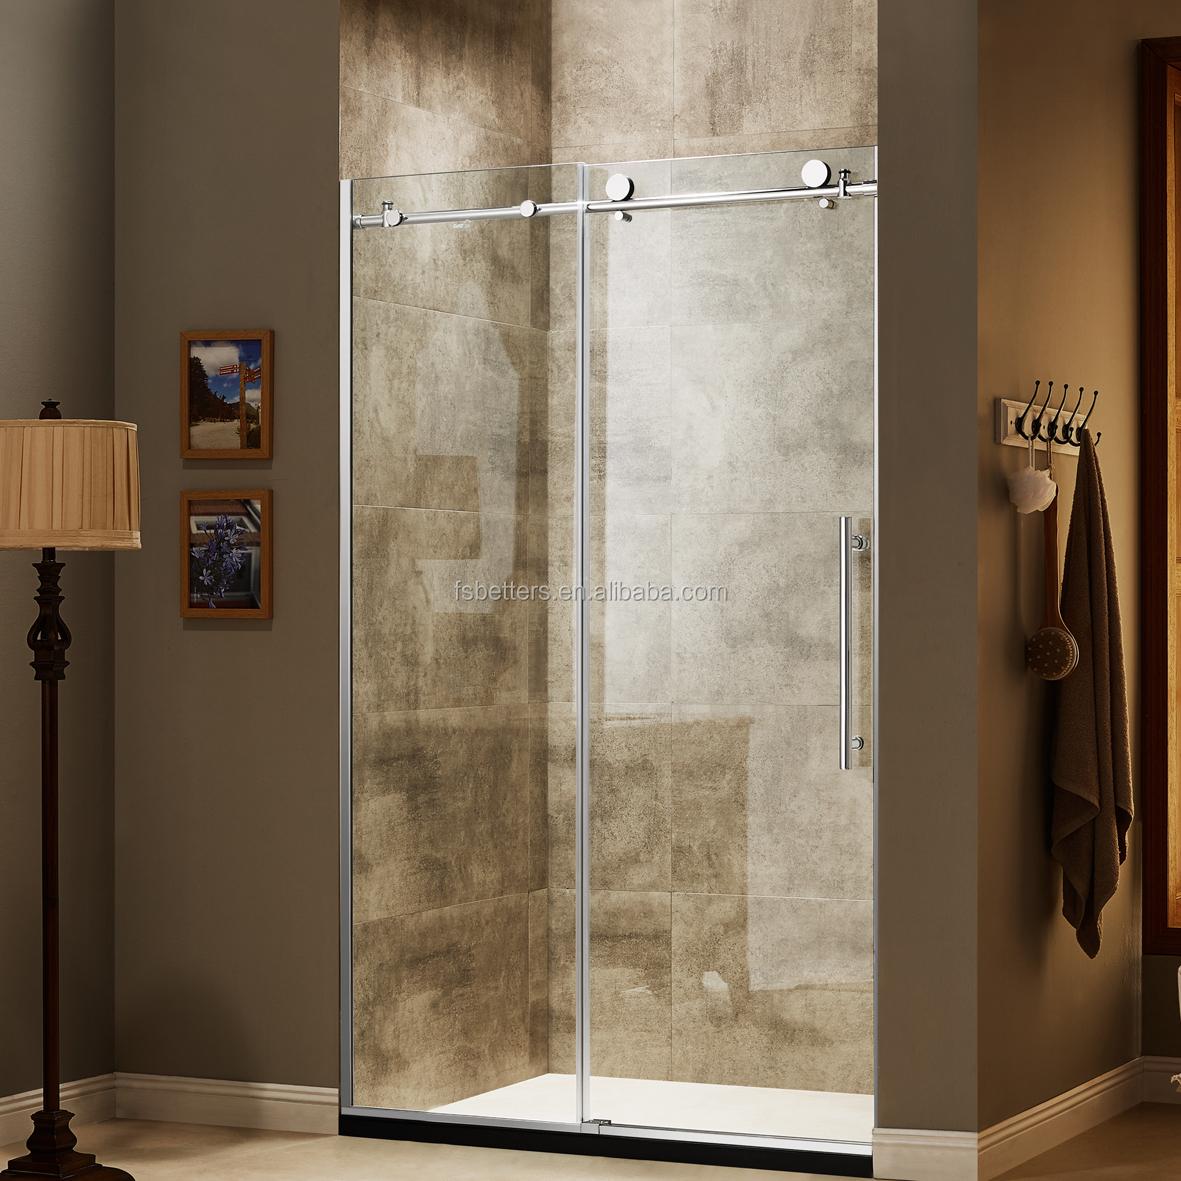 Sliding 10mm Glass Shower Enclosures, Sliding 10mm Glass Shower ...